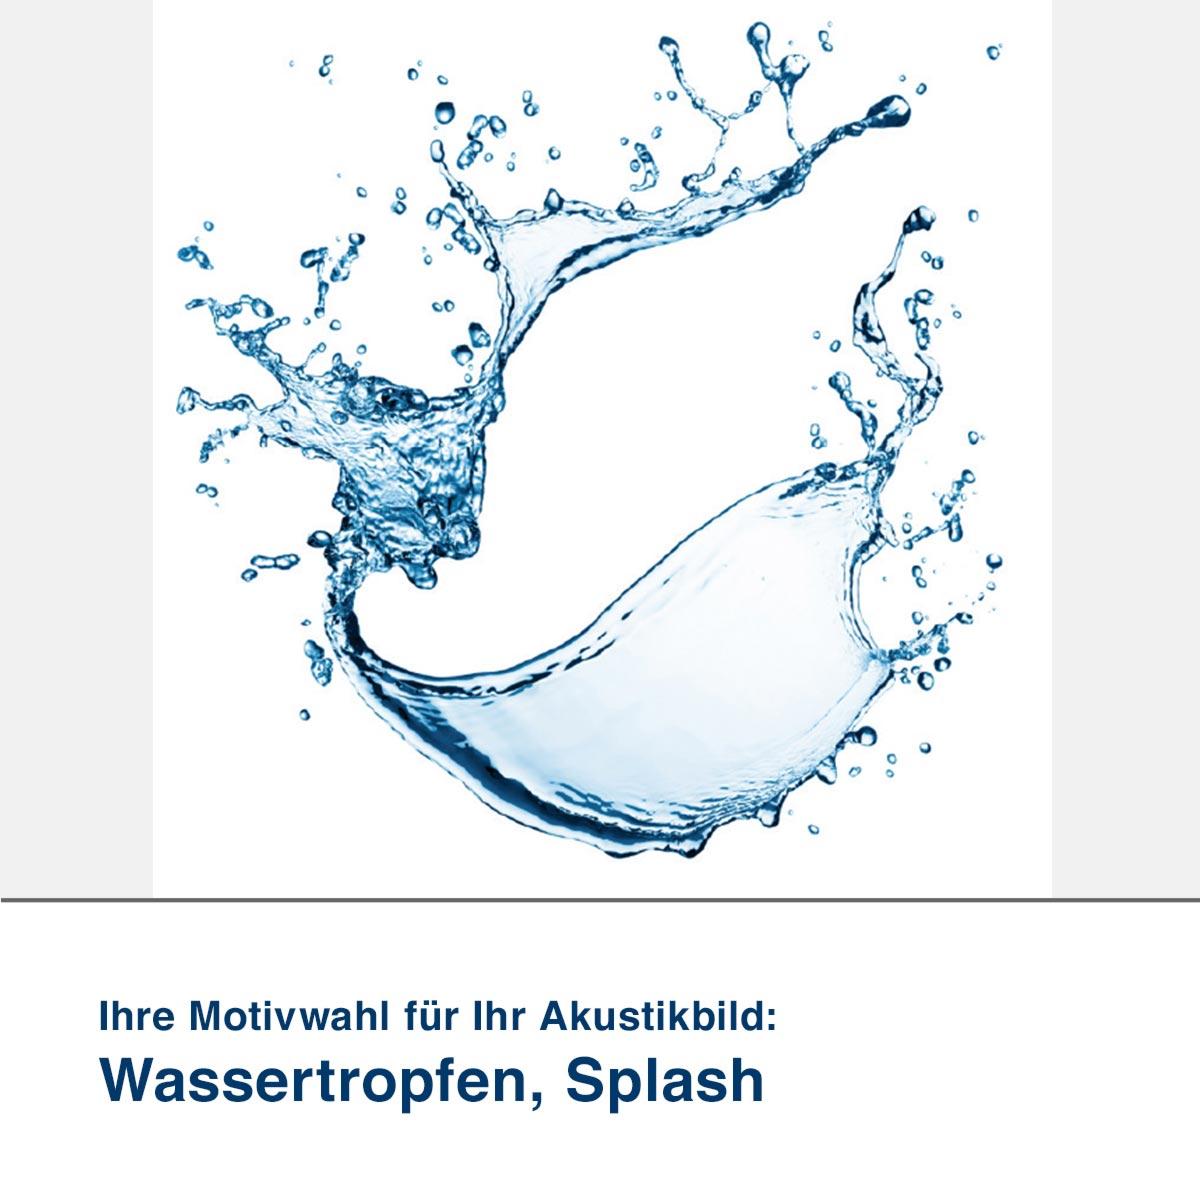 Akustikbild Motiv Wassertropfen, Splash